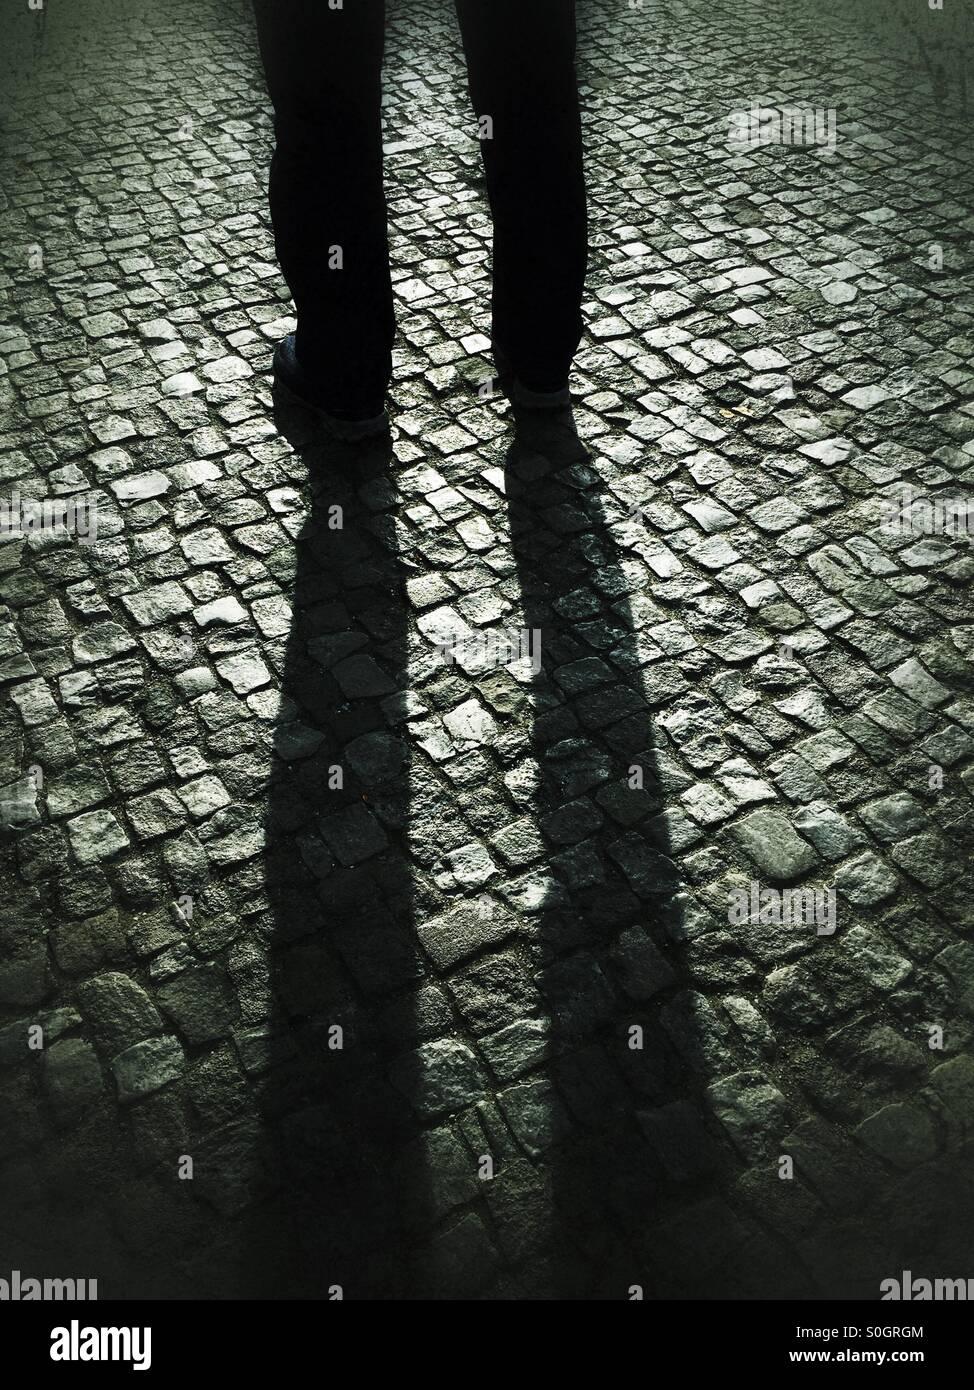 Mann auf gepflasterten Straße Stockbild